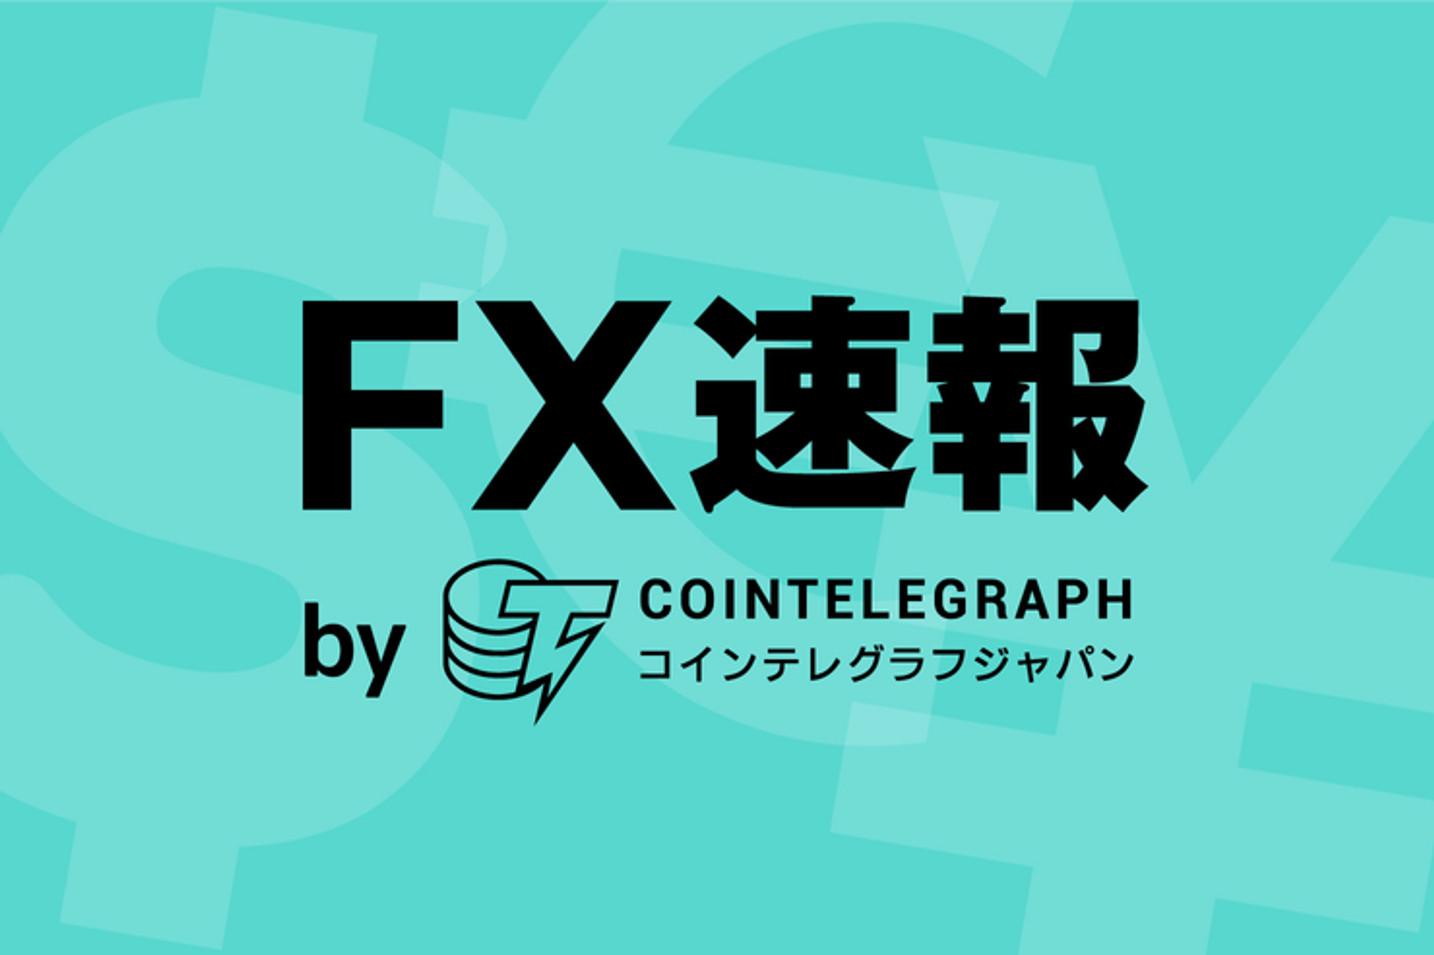 【外国為替市場概況】(8時)米経済指標改善でドル高が進み、円は半年ぶりの109円台半ばで推移